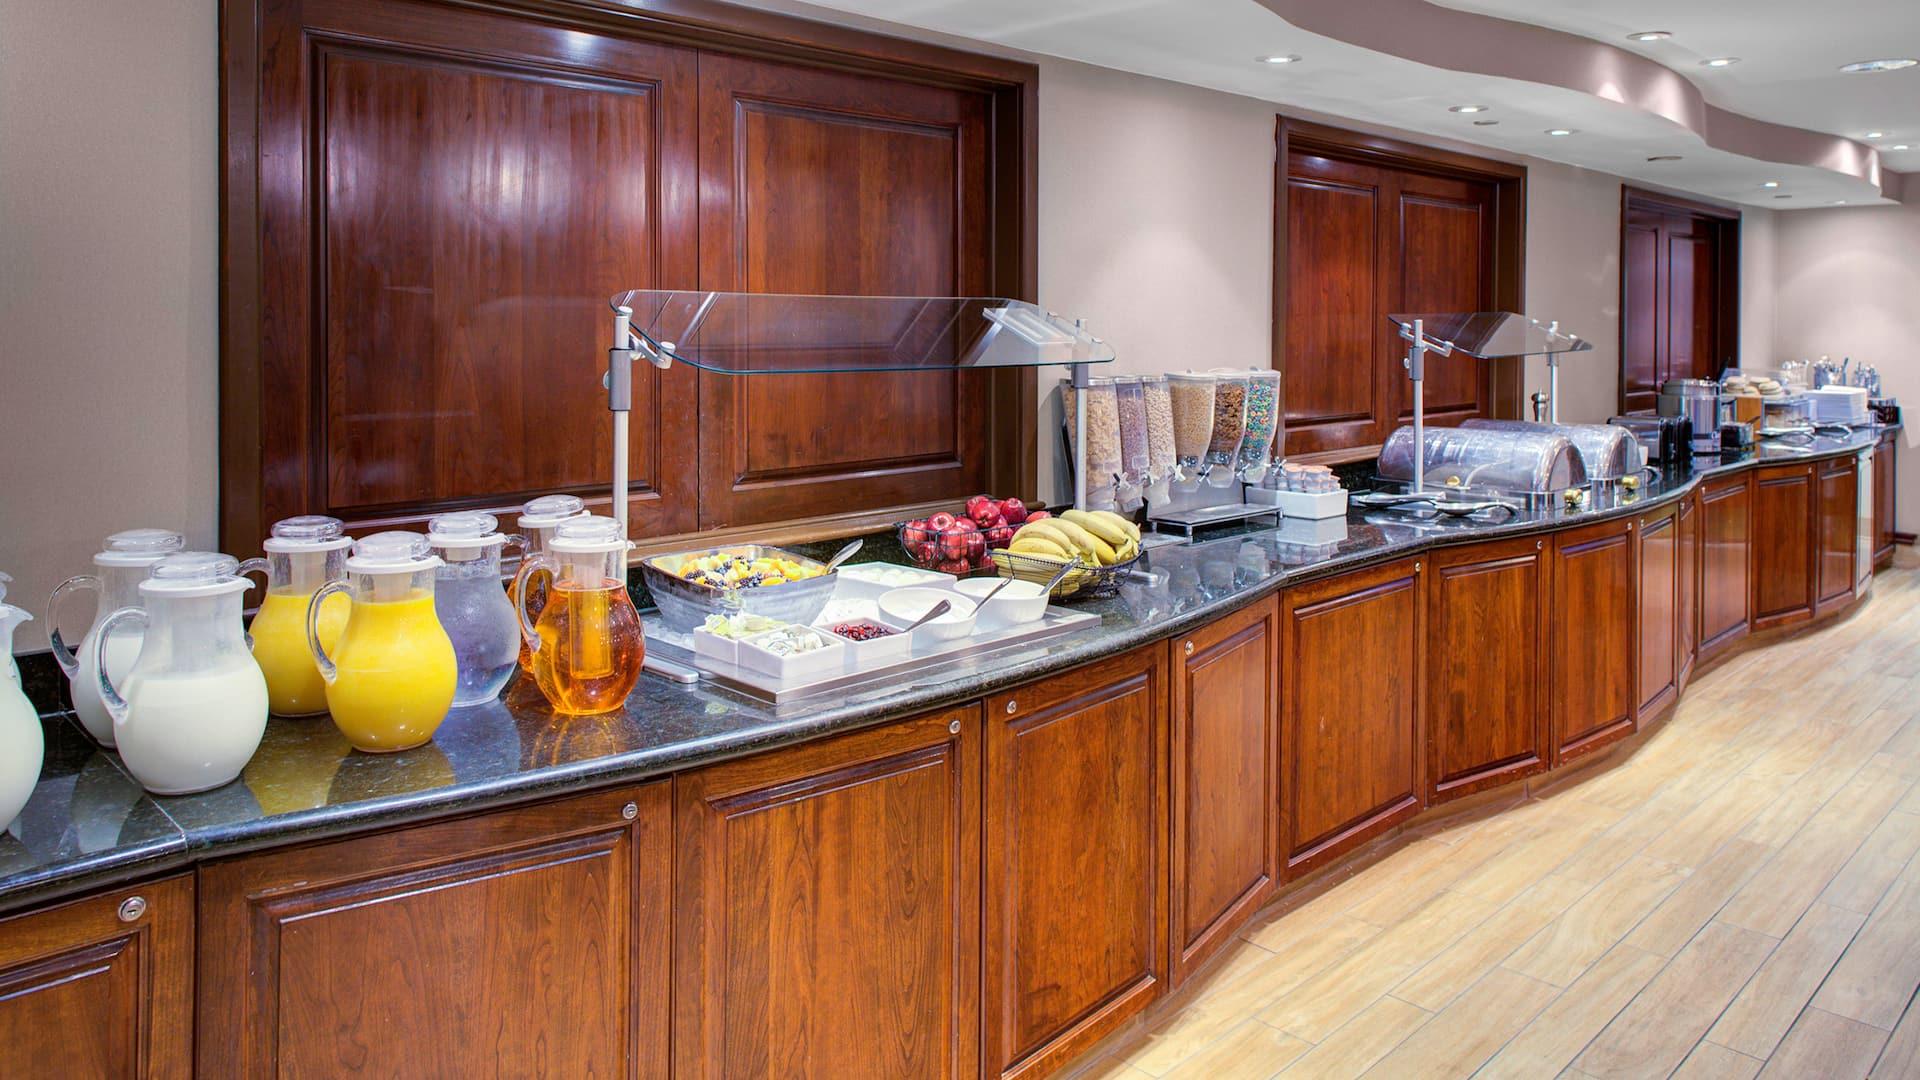 Hyatt House Breakfast Bar In Parsippany, New Jersey